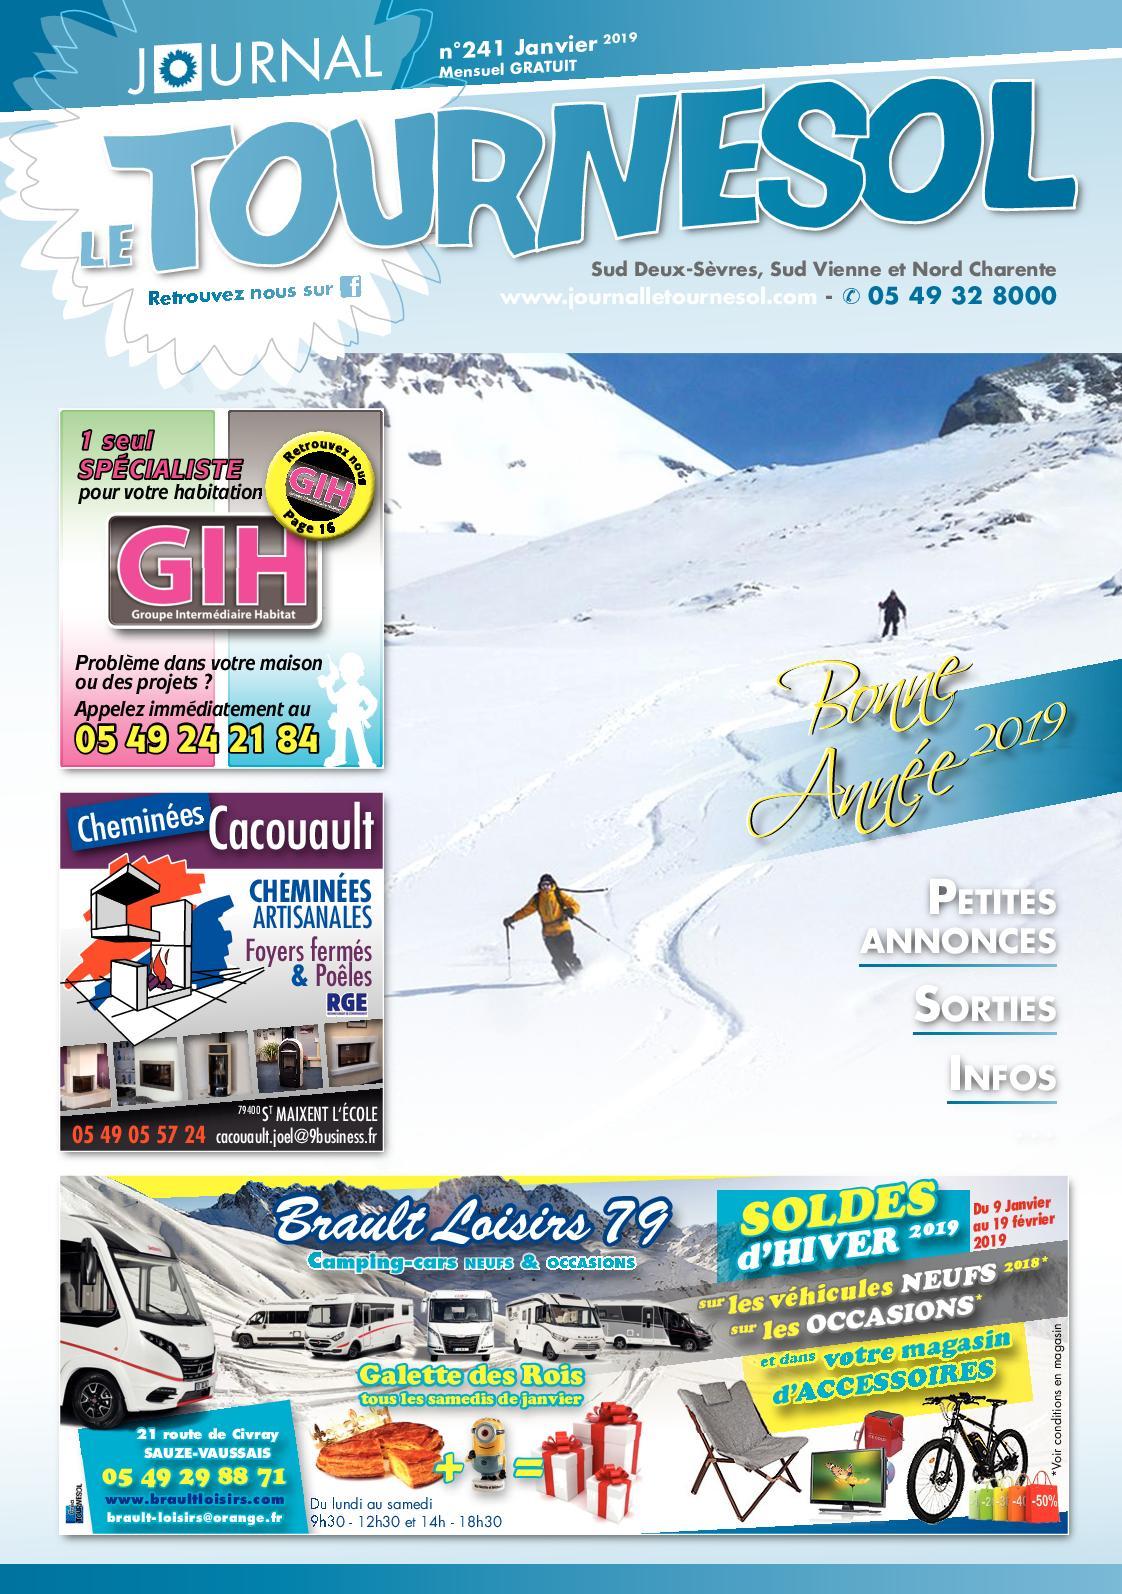 Calaméo Journal Le Tournesol Janvier 2019